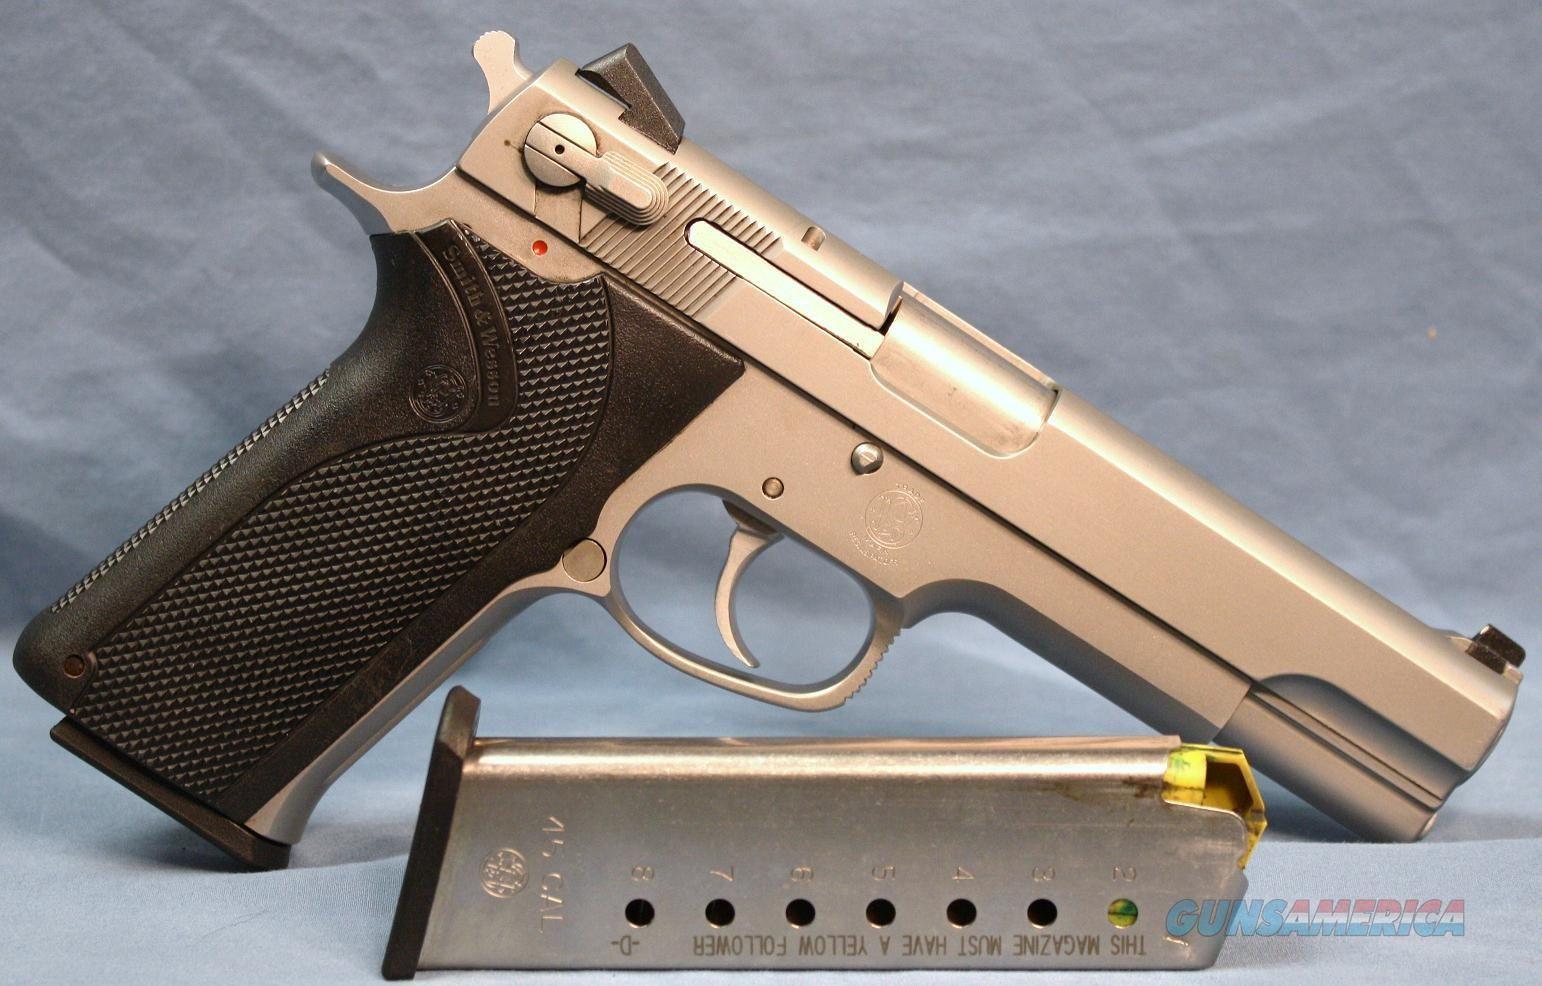 Smith & Wesson 4506-1 Semi-Automatic Pistol 45 ACP Guns ...